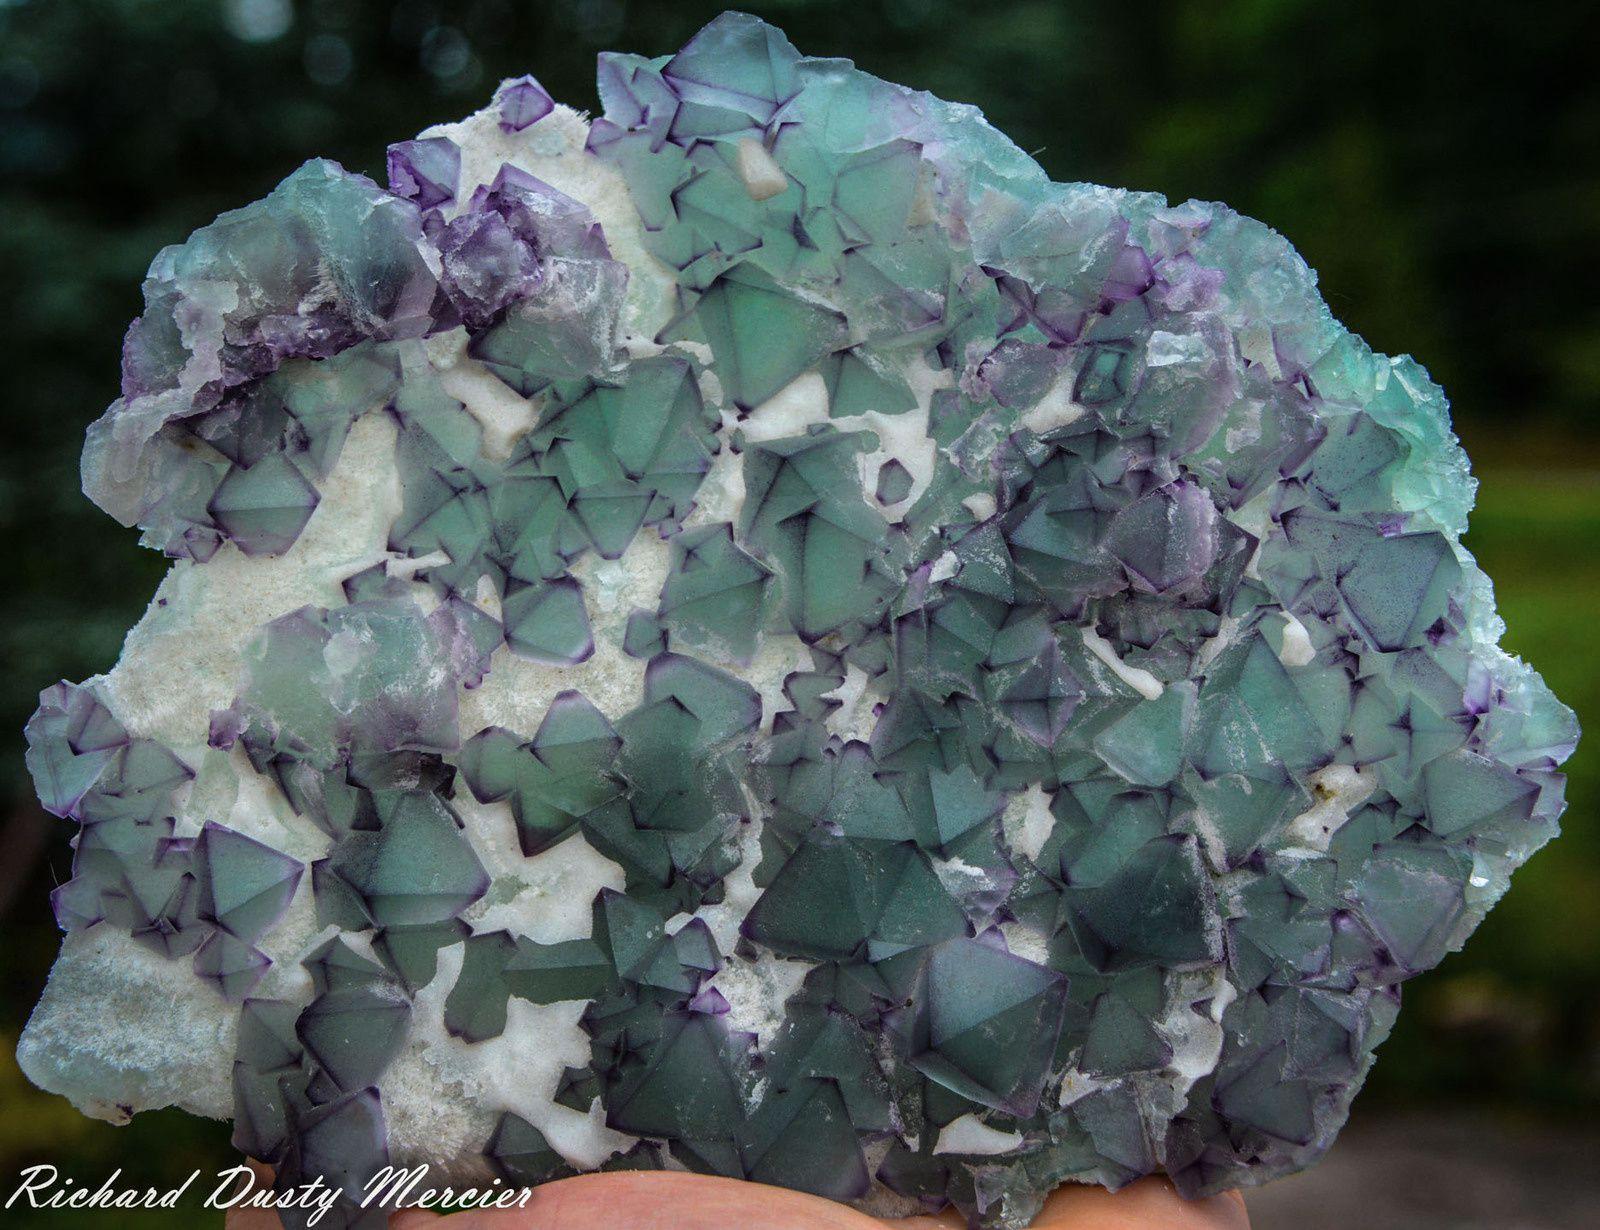 Fluorite from De'an Mine, Jiangxi, China